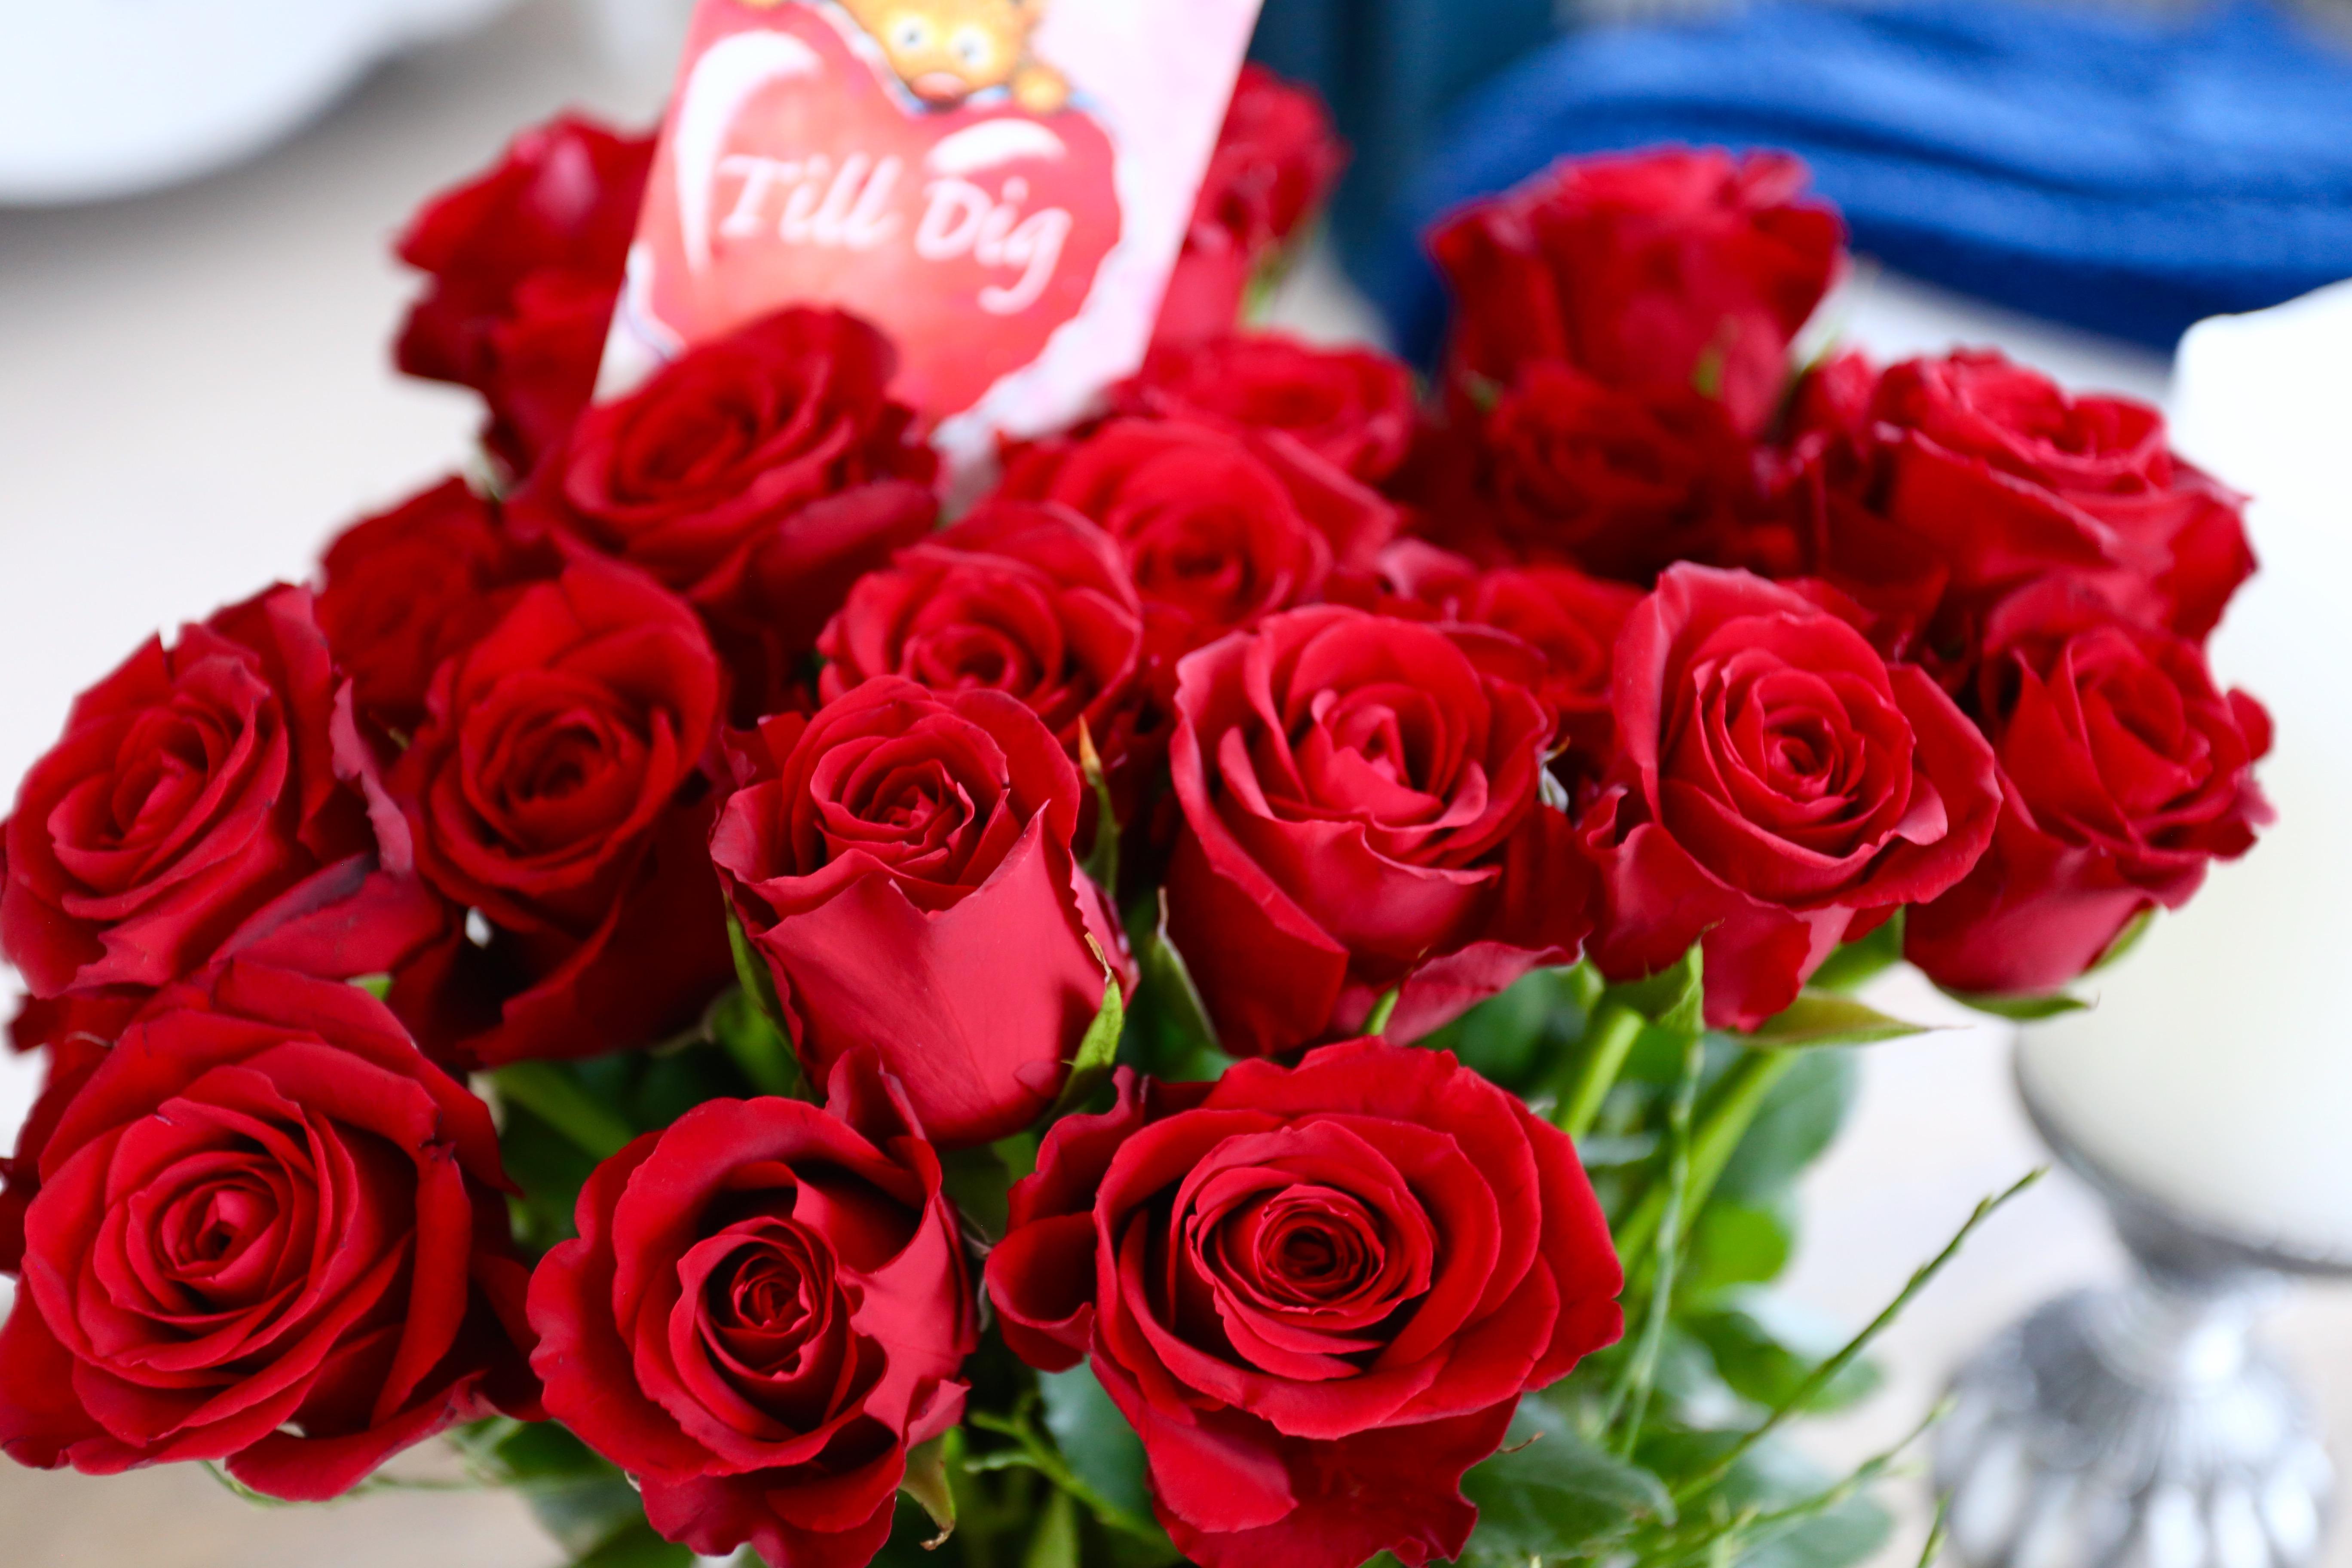 14 mars alla hjärtans dag svart pusy.com